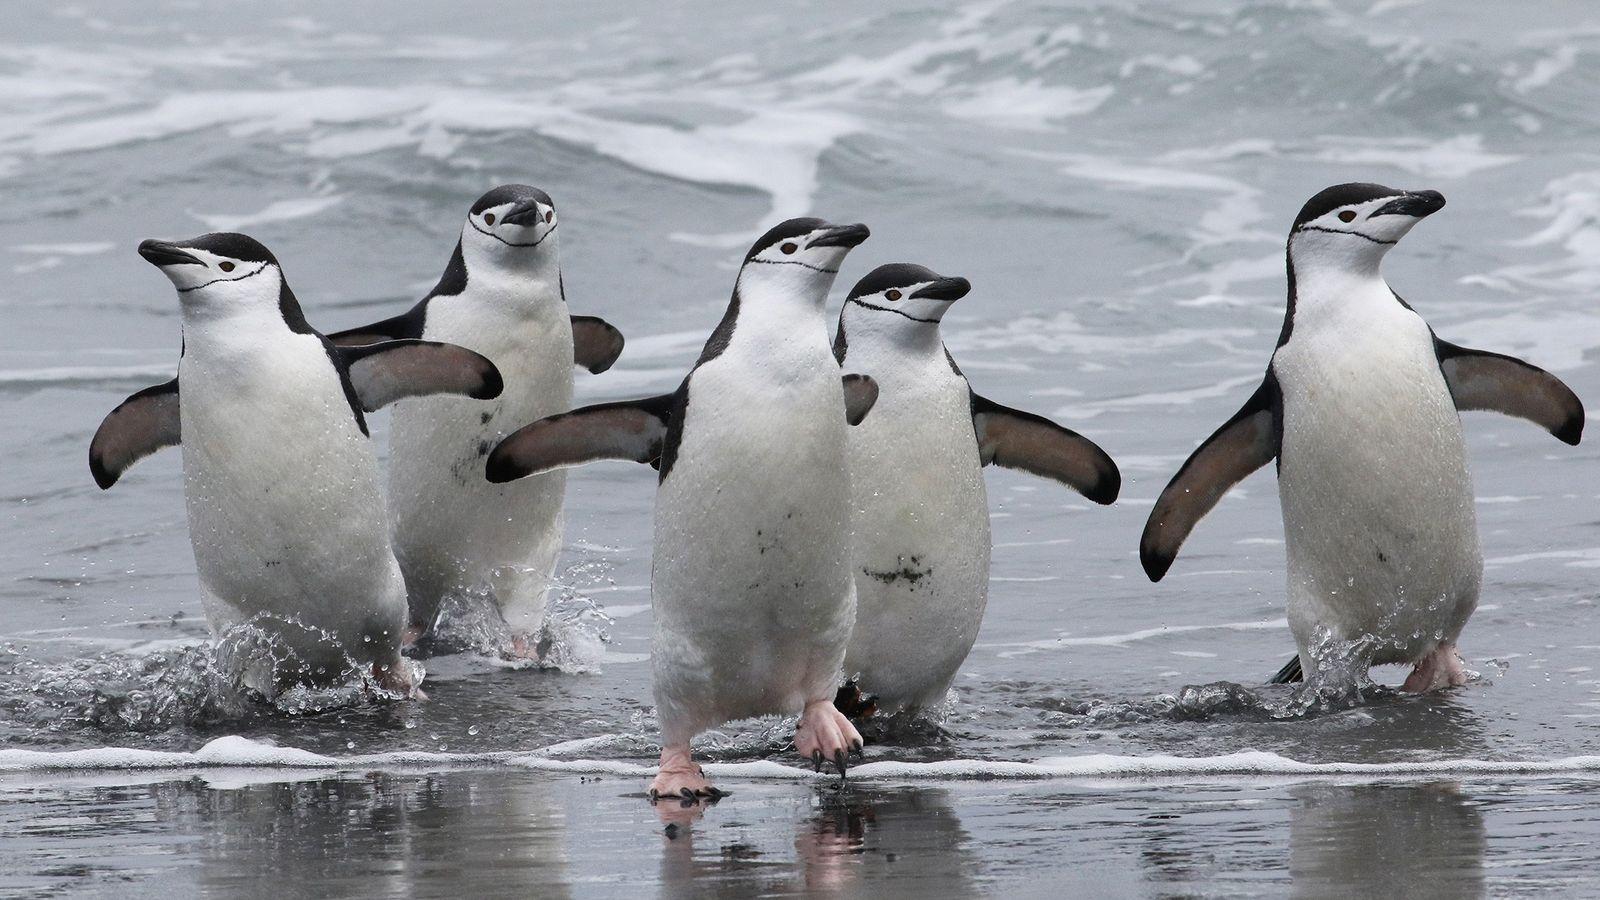 Pinguins-de-barbicha voltando para sua colônia em Stinker Point, na costa oeste da Ilha Elefante. As aves ...